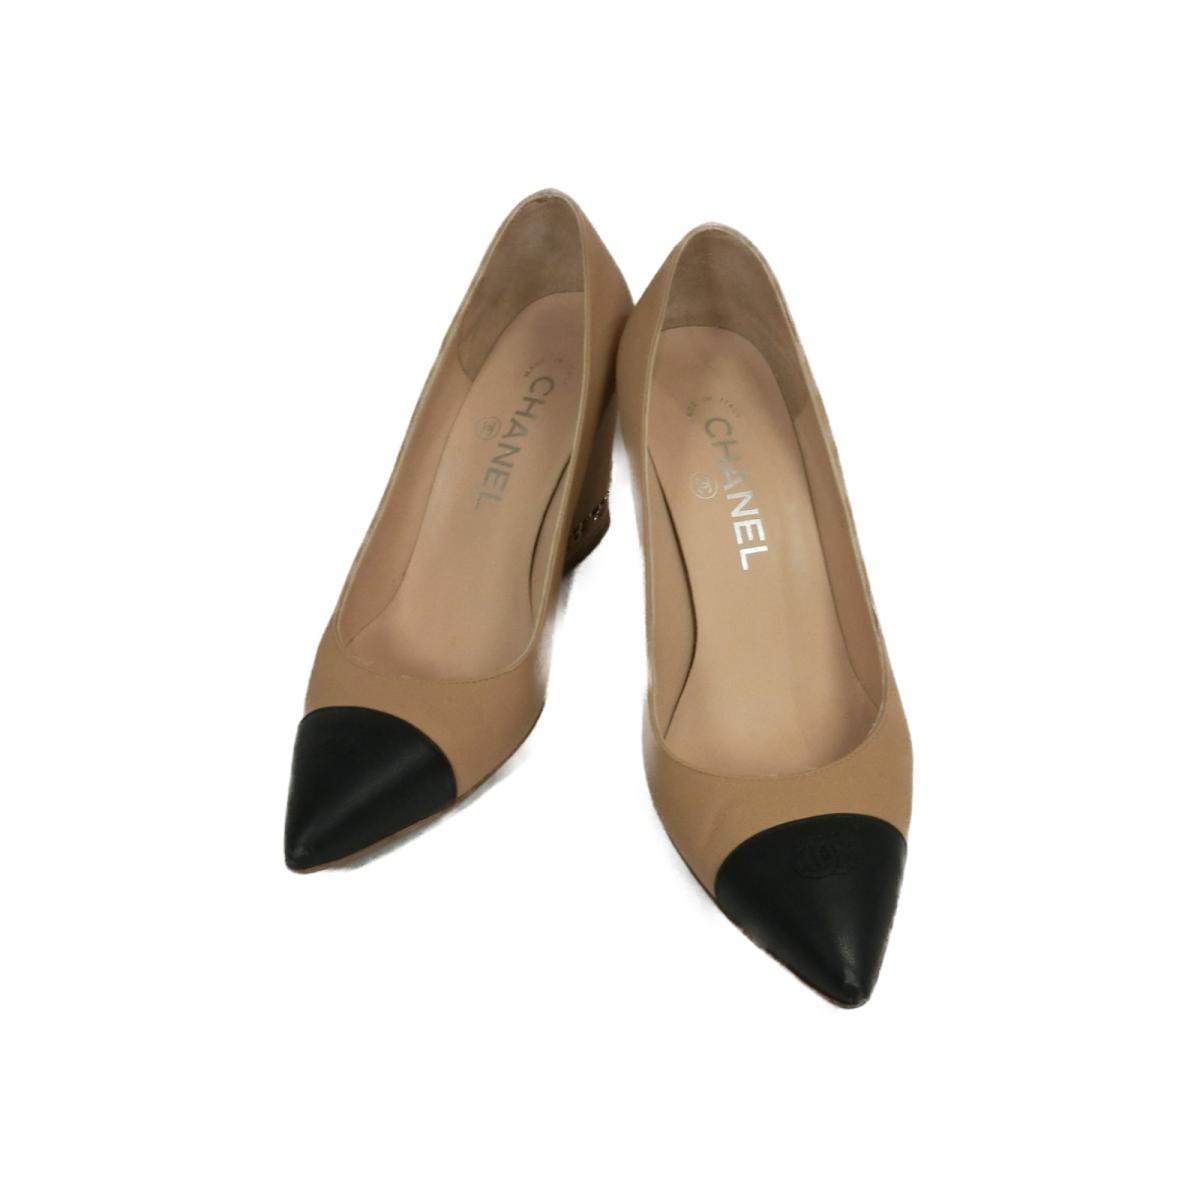 【中古】 シャネル パンプス レディース レザー ベージュ / ブラック | CHANEL くつ 靴 パンプス 美品 ブランドオフ